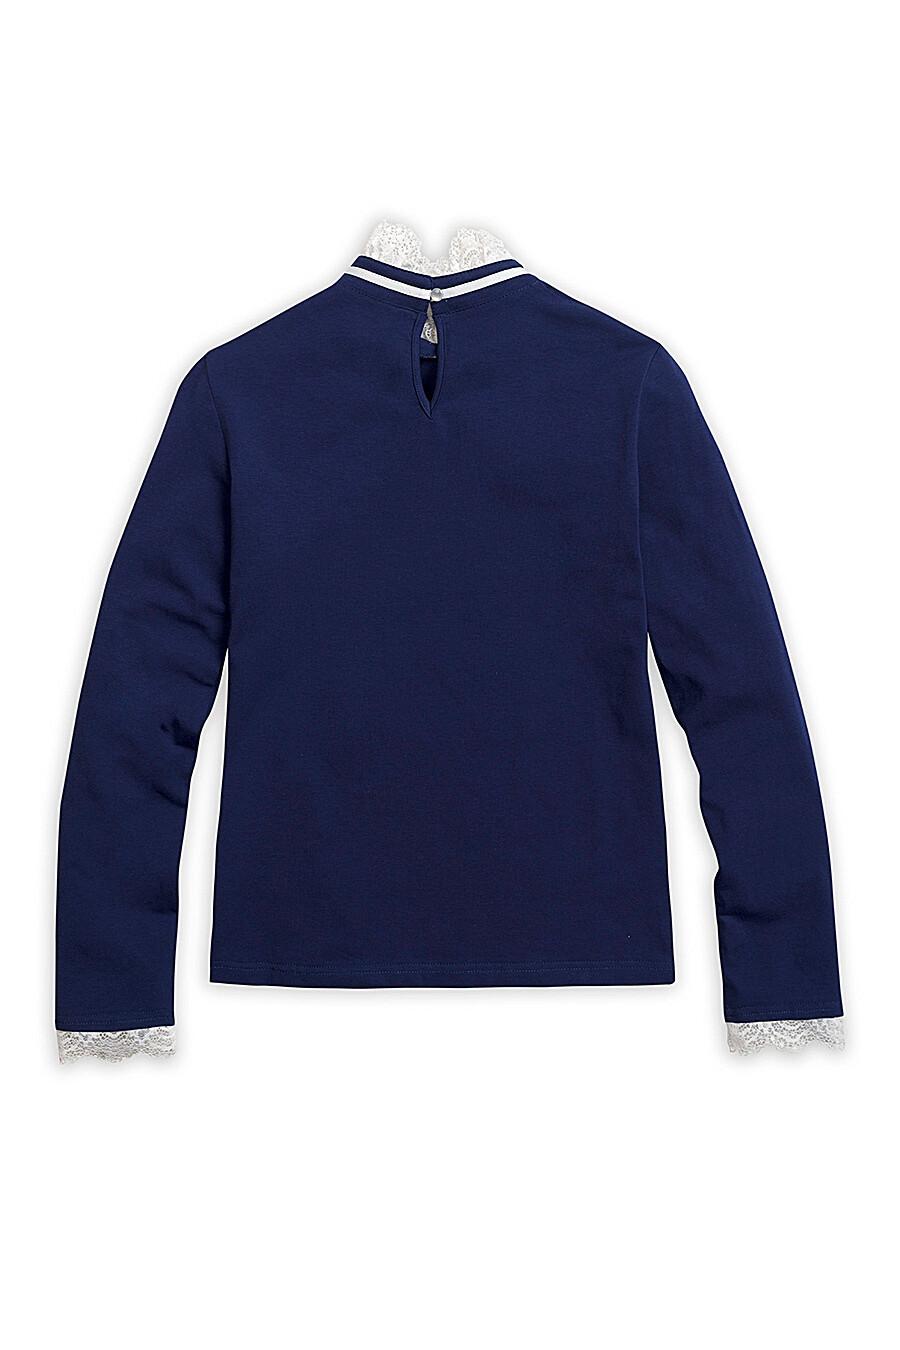 Блузка для девочек PELICAN 218556 купить оптом от производителя. Совместная покупка детской одежды в OptMoyo